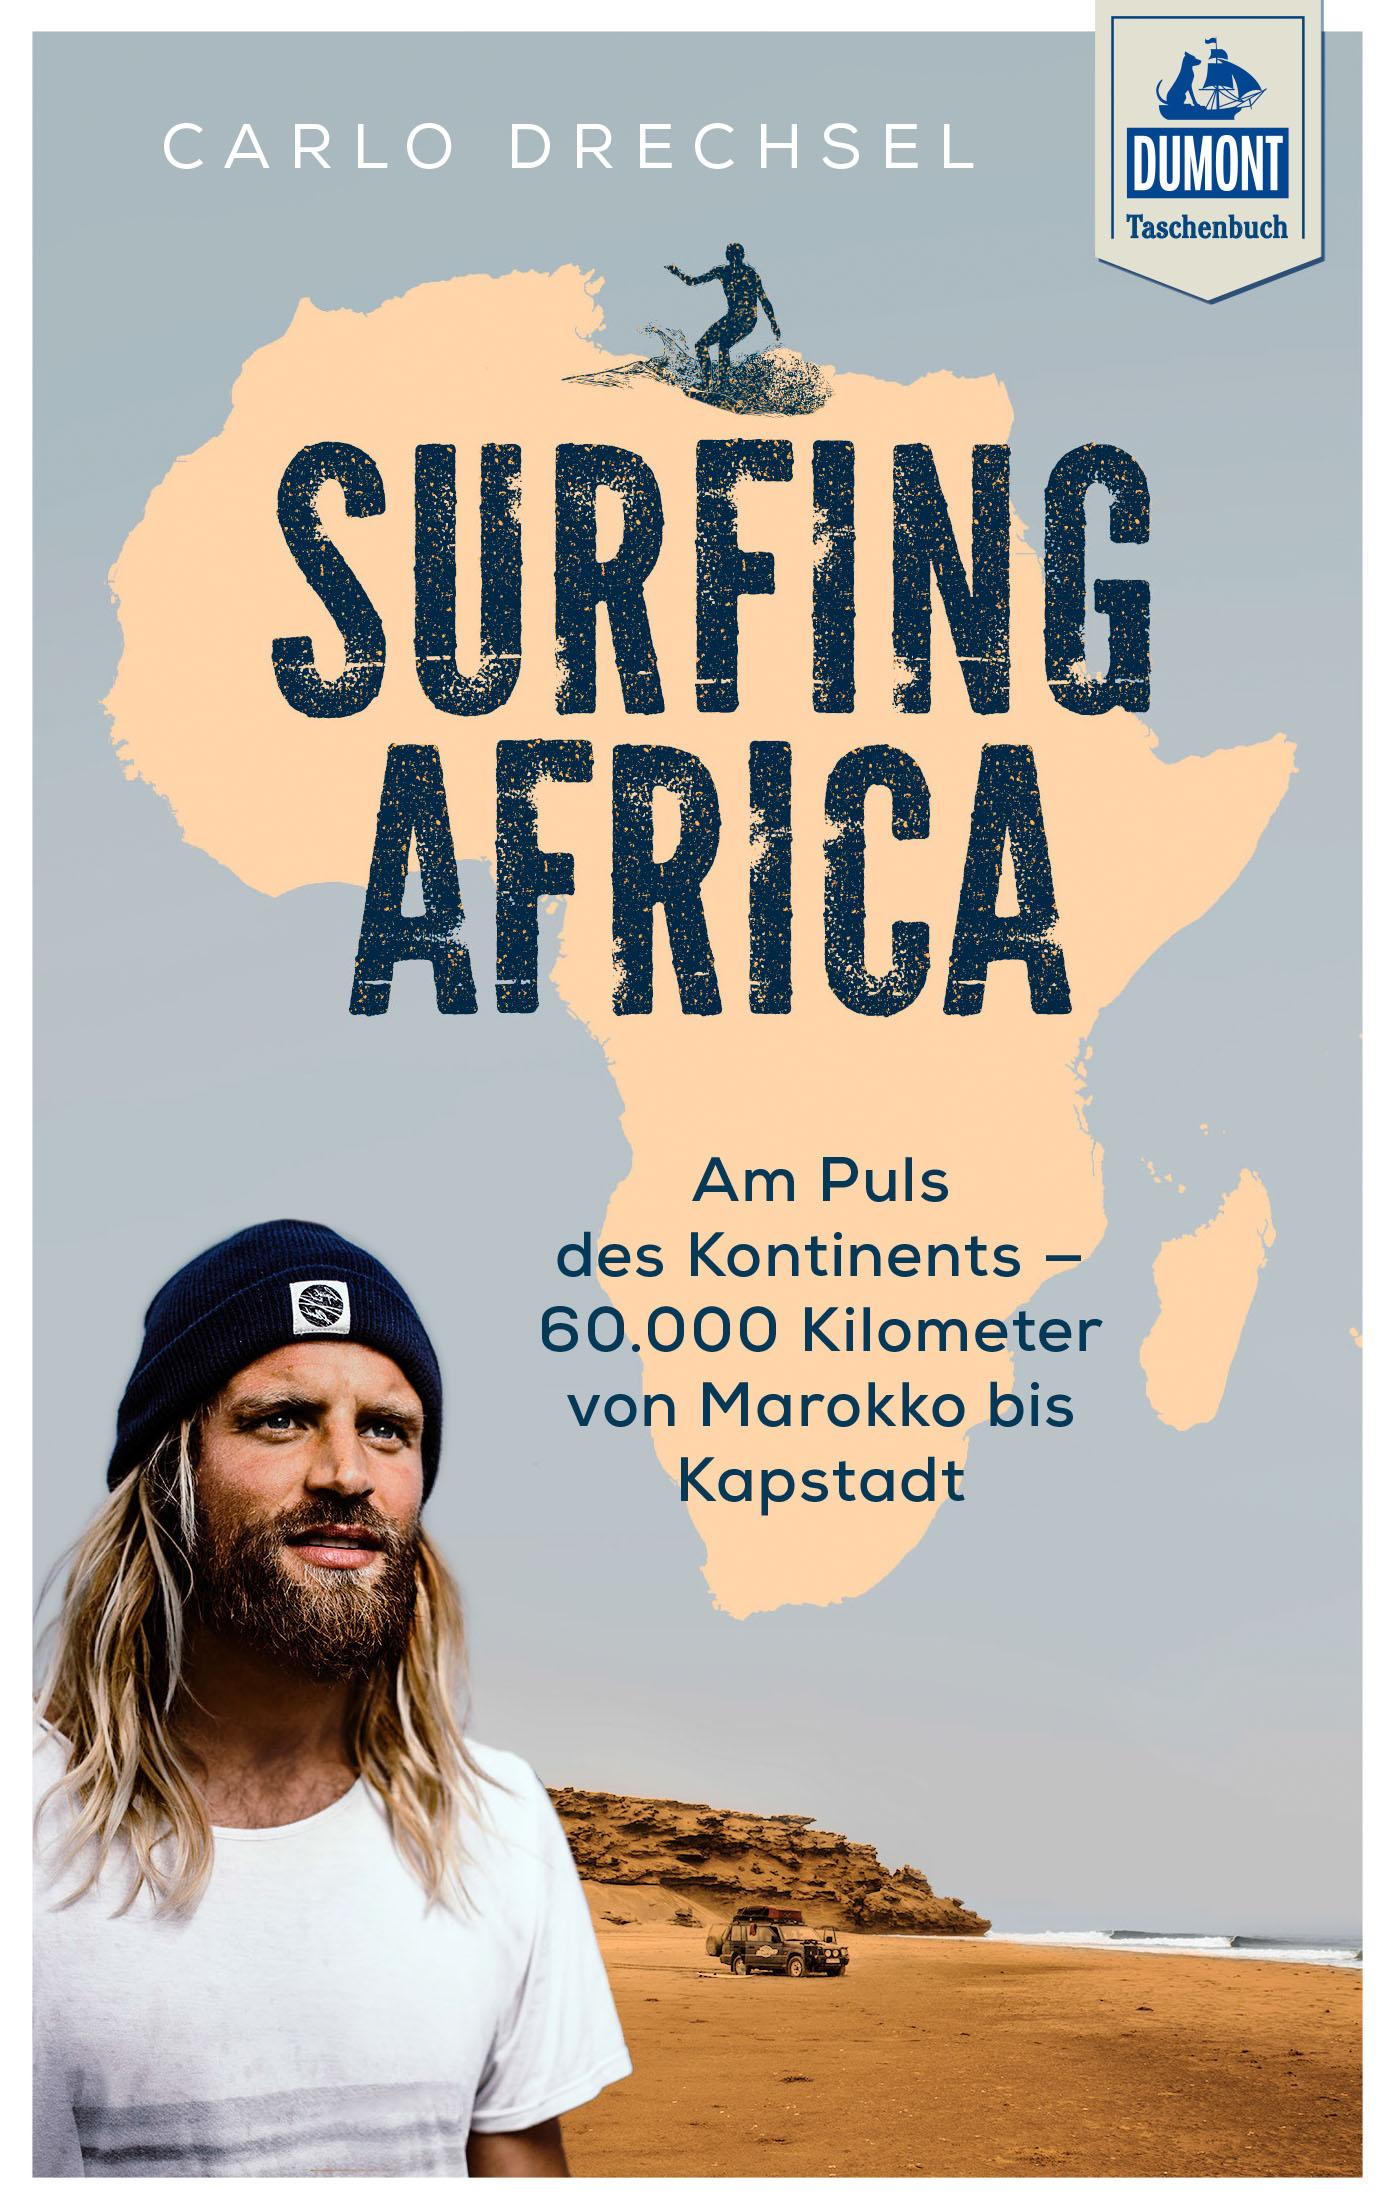 DuMont Taschenbuch - Surfing Africa (Cover)